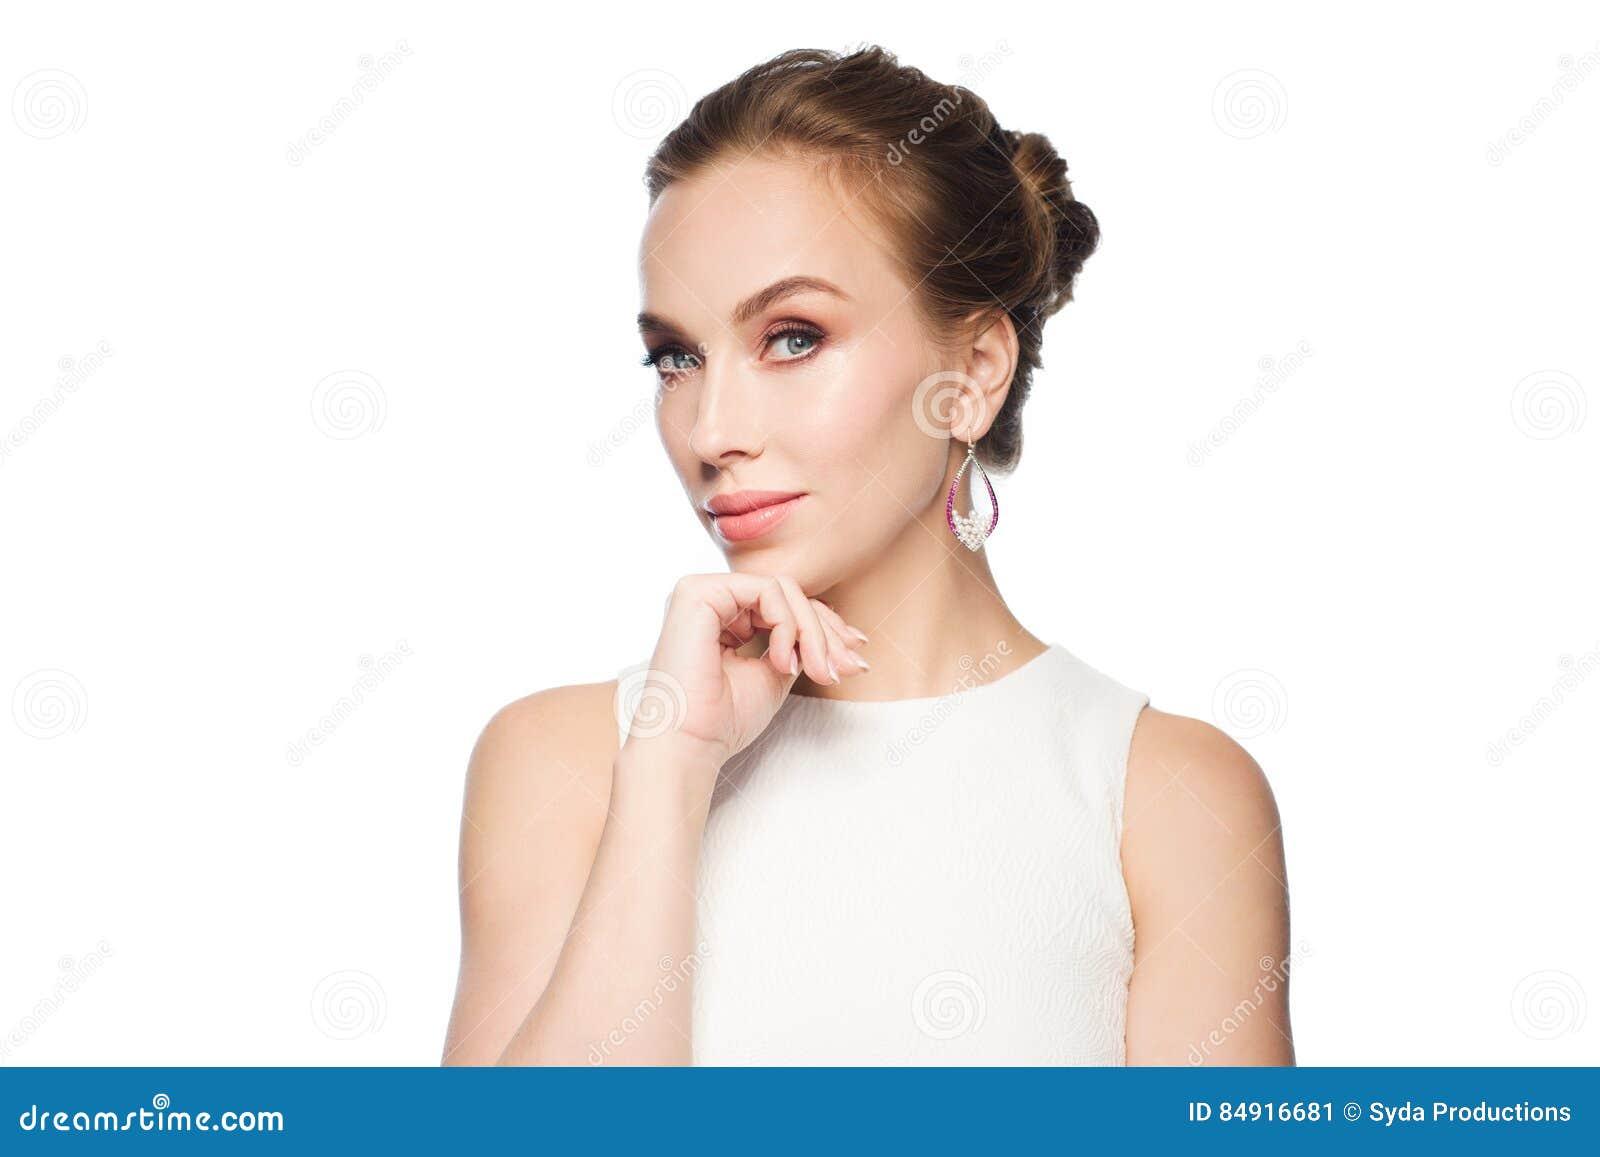 Vestido blanco perla